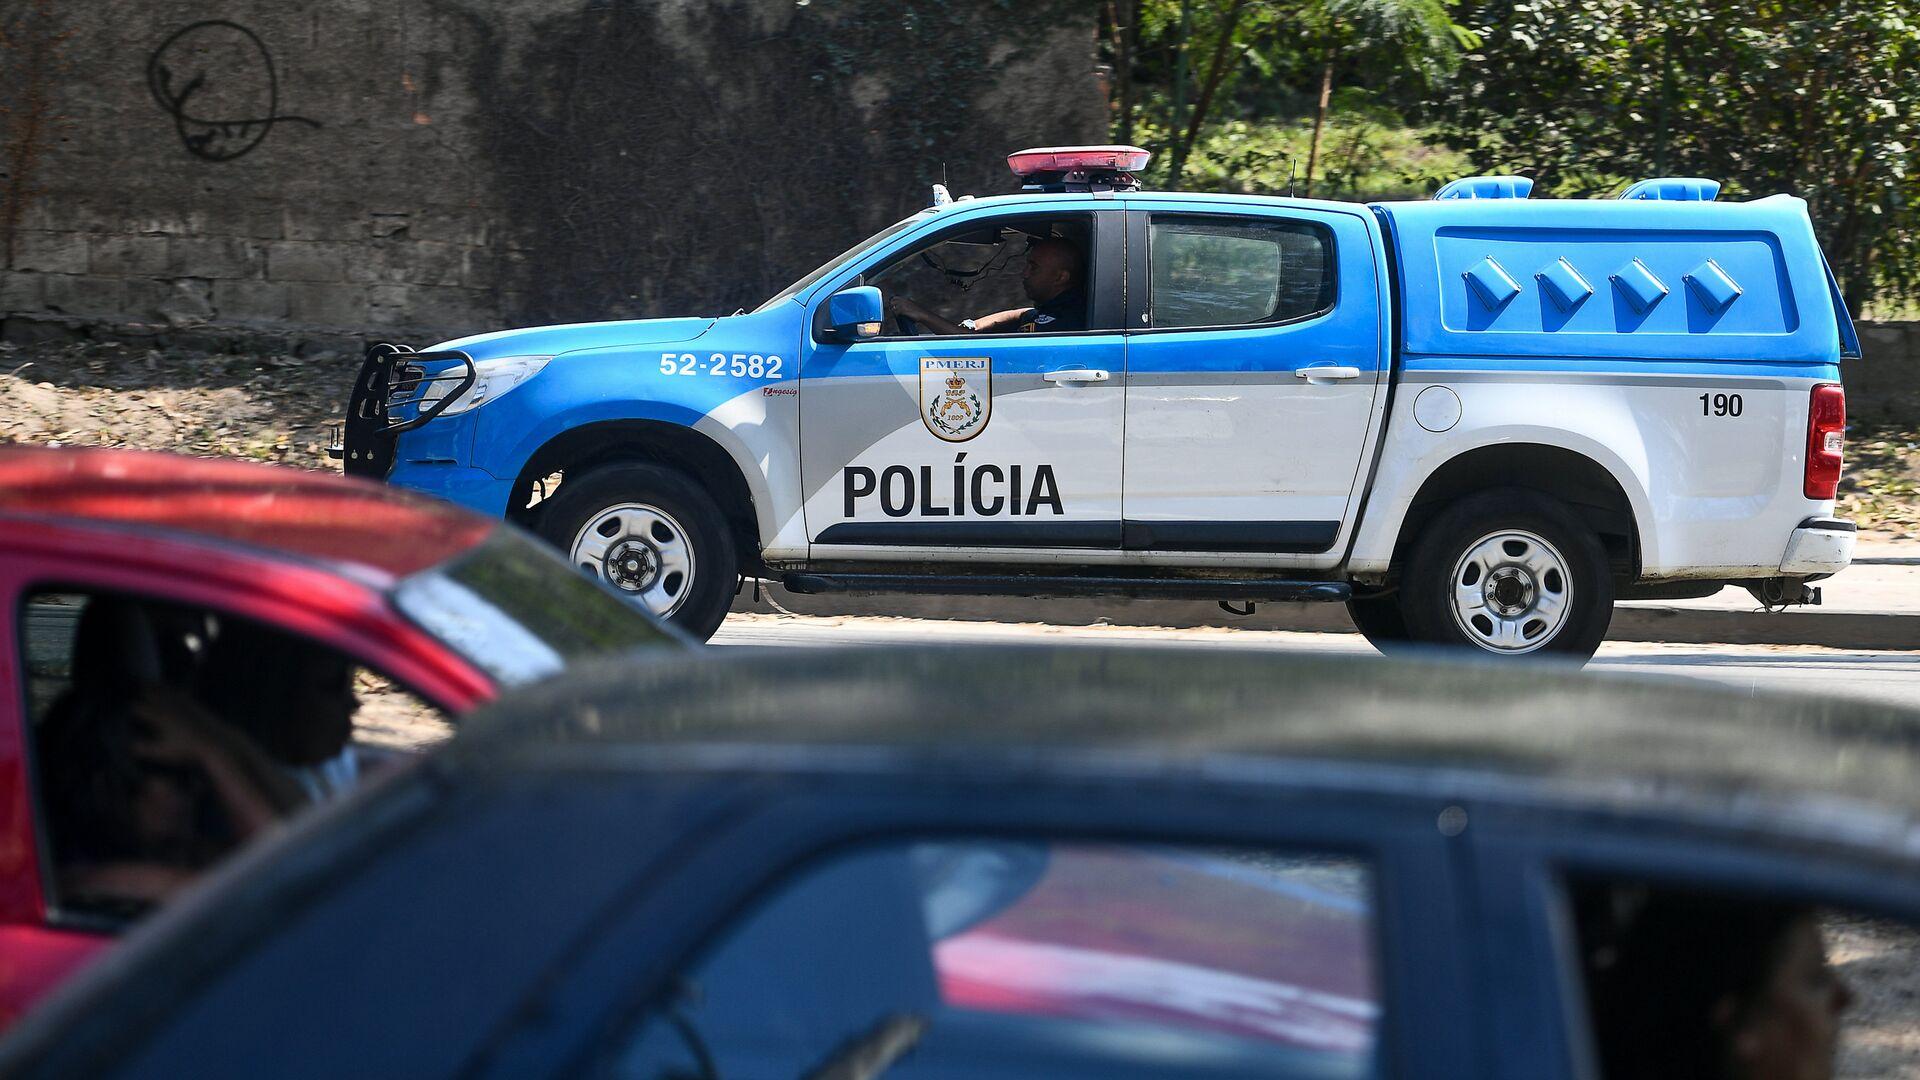 Автомобиль полиции в Бразилии - Sputnik Грузия, 1920, 07.10.2021